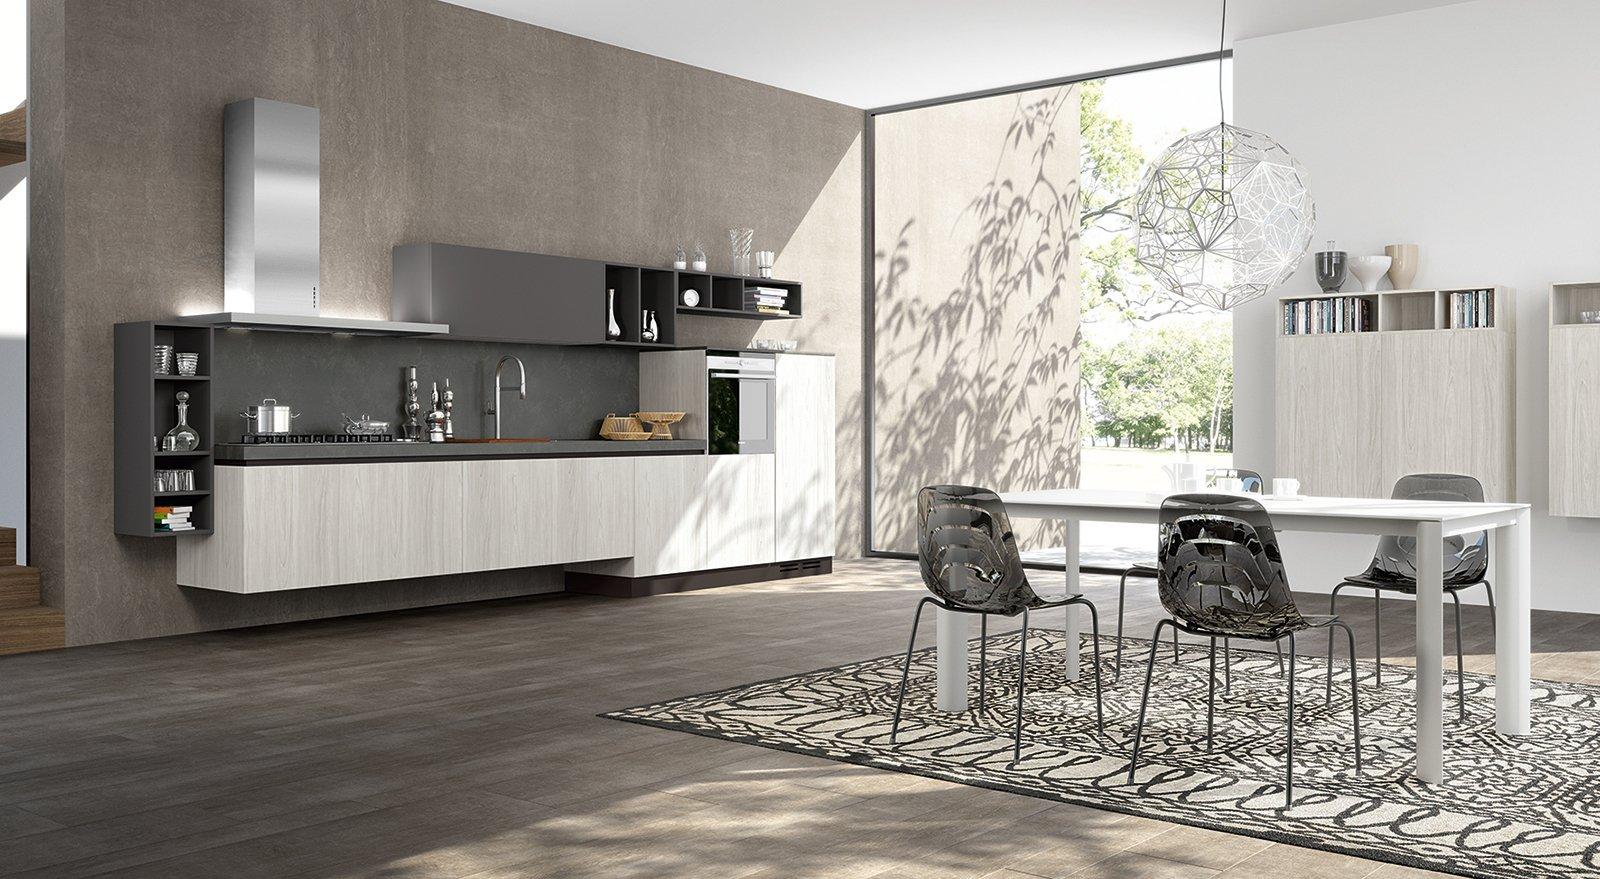 Una Raffinata Alternanza Fra Ante In Laminato Olmo Bianco E Pensili In  #697457 1600 879 Pensili Cucina IKEA